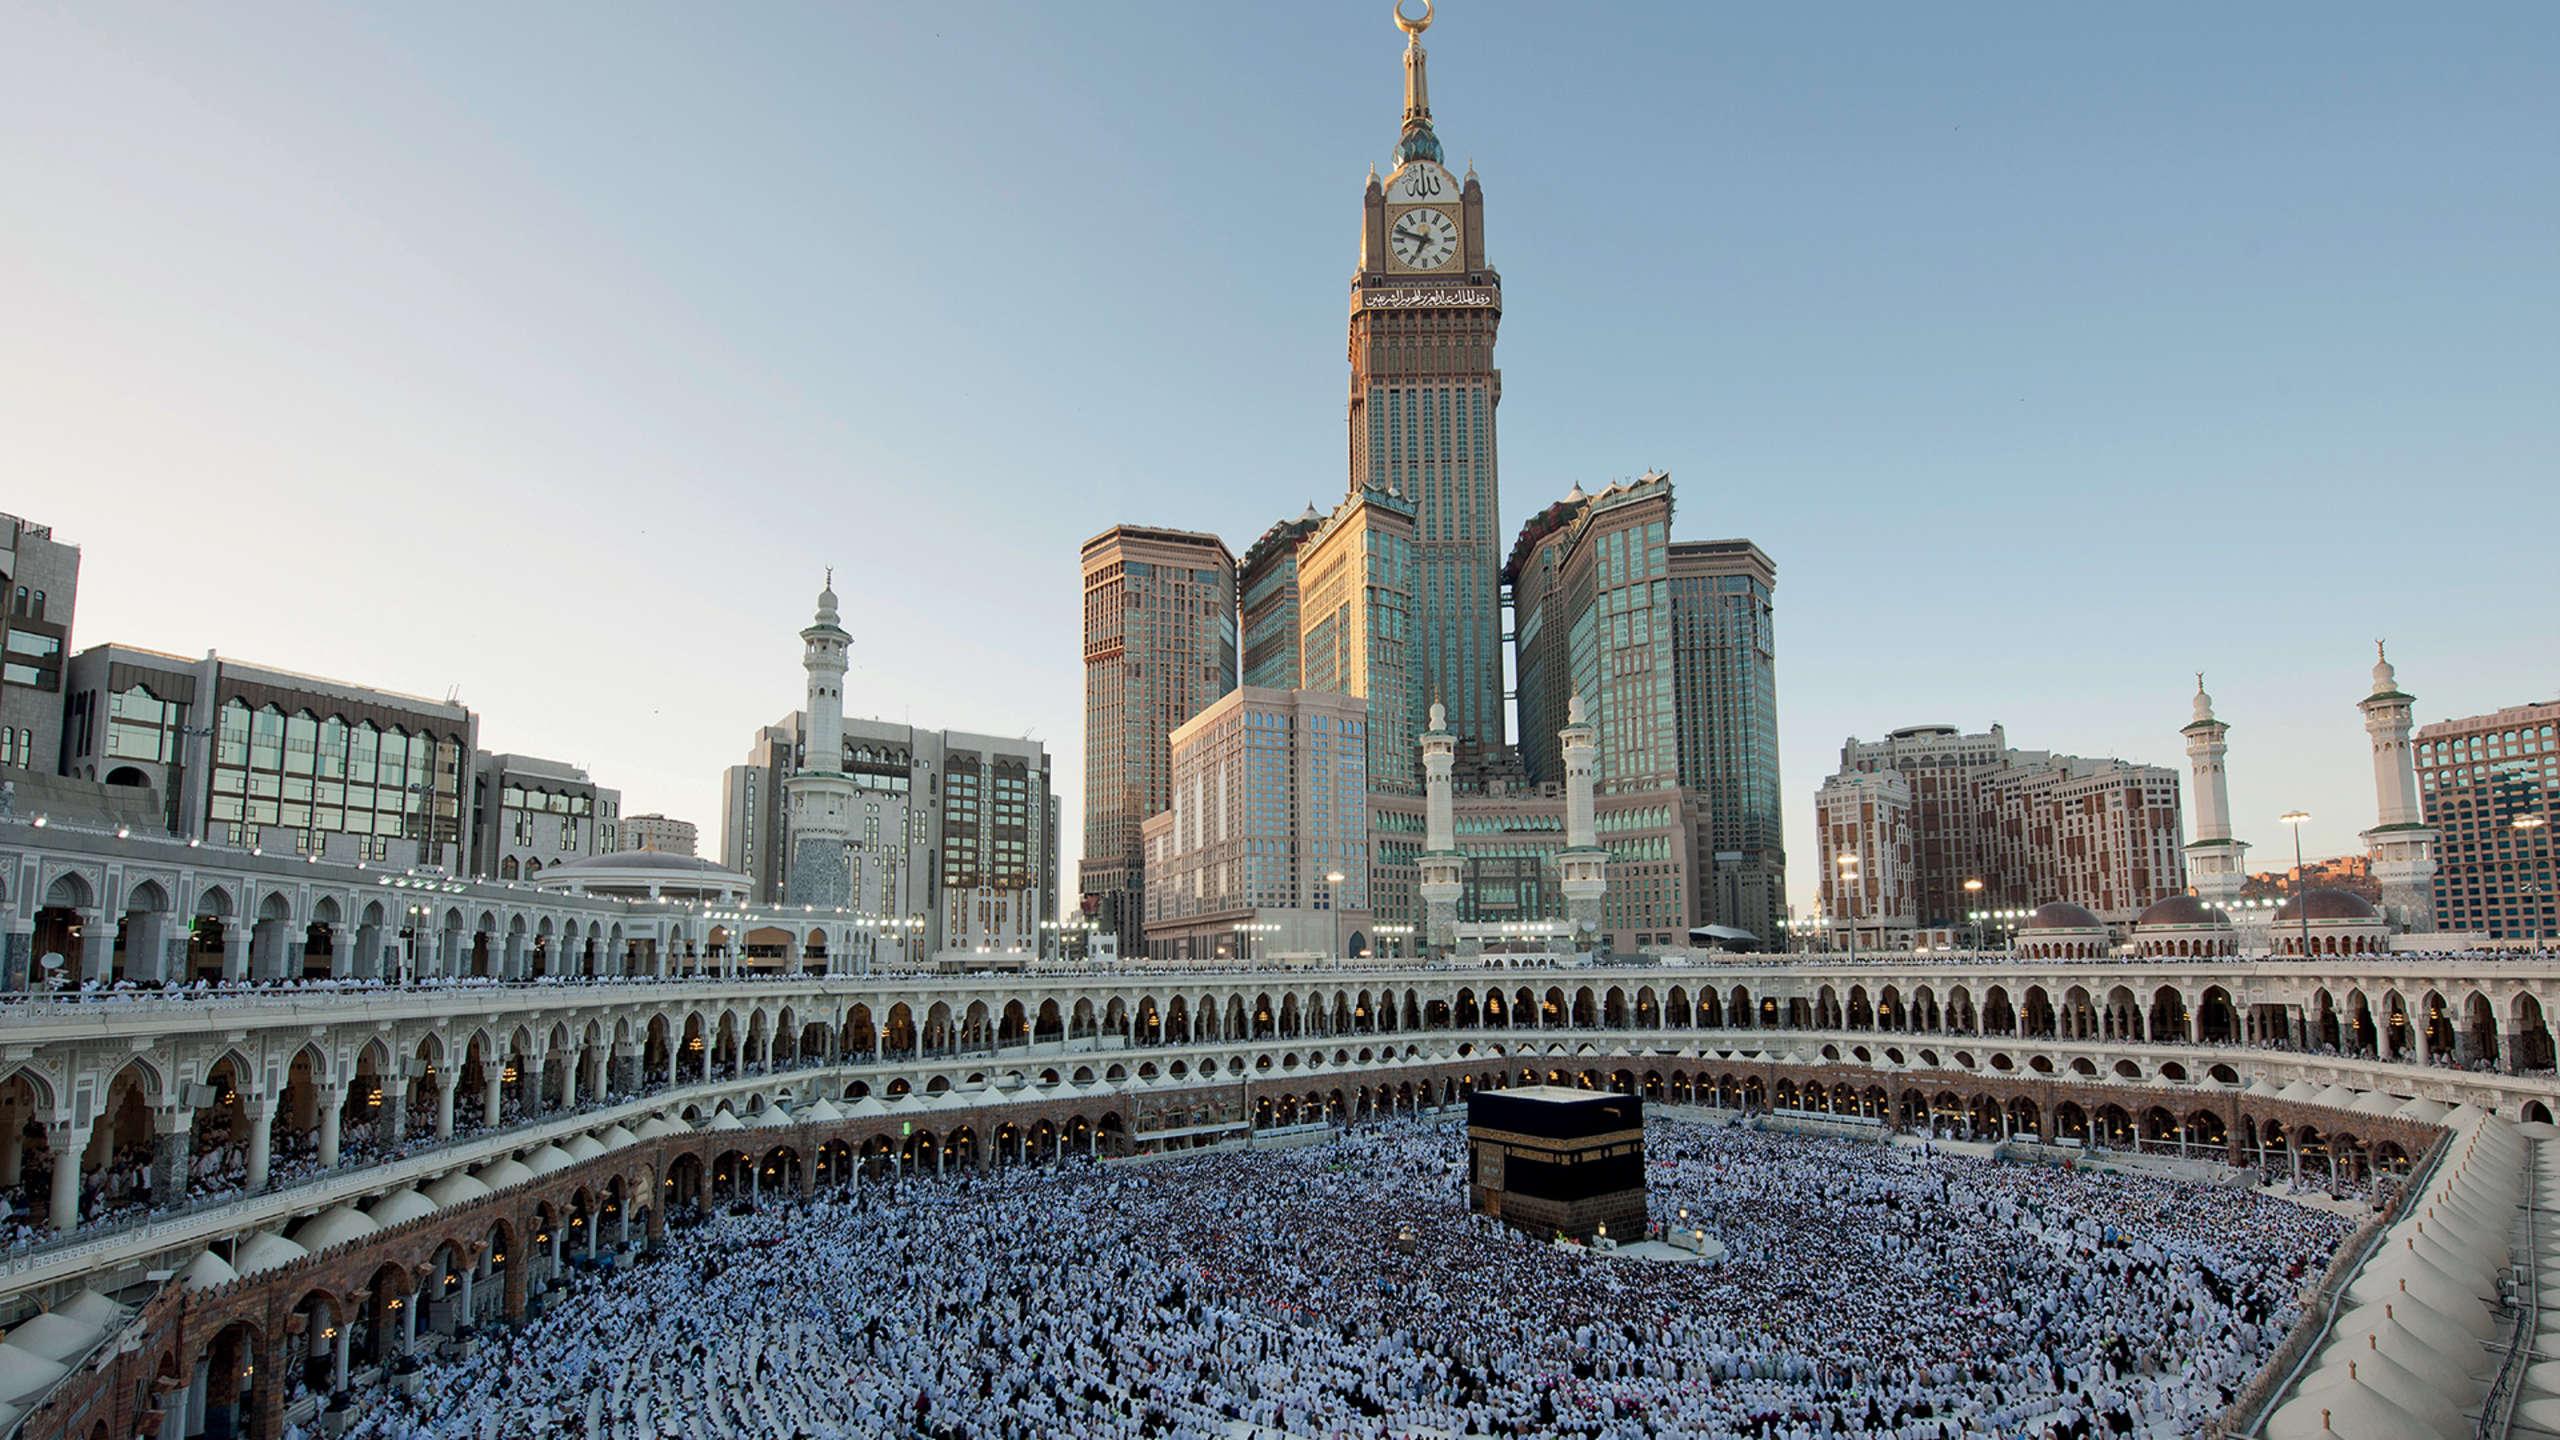 Với chi phí 15 tỷ USD, khu tổ hợp Abraj Al Bait bao gồm 7 toàn tháp, nằm giữa Thánh địa Mecca, Saudi Arabia. Công trình do chính phủ sở hữu này được hoàn thành trong giai đoạn 2007, 2012. Tháp đồng hồ cao nhất thế giới cũng được đặt trên tòa tháp cao nhất của tổ hợp công trình khổng lồ.